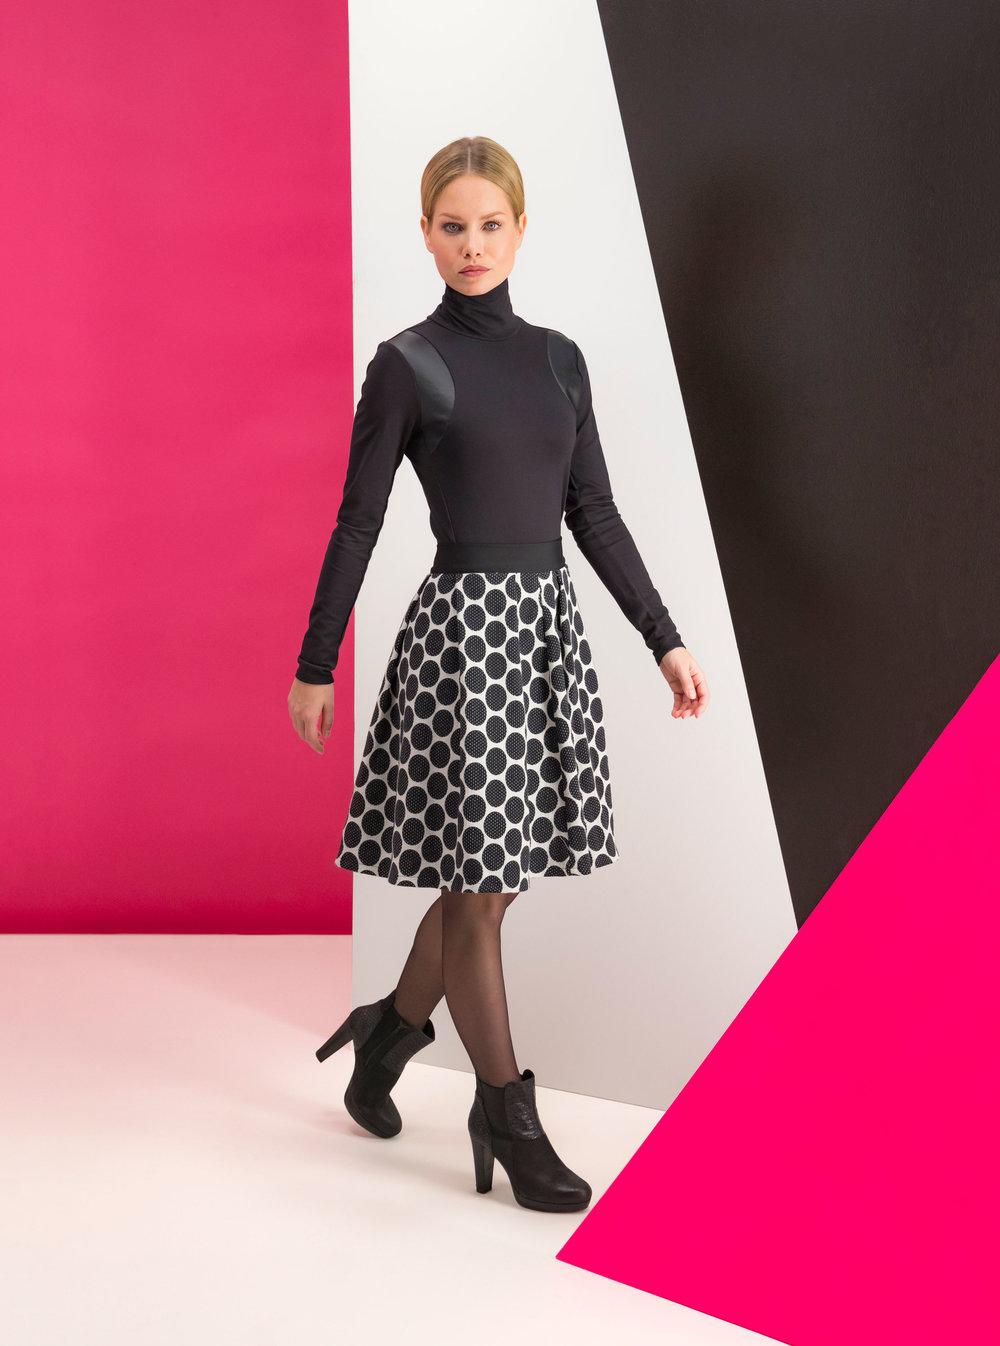 Marianne-black-outfit-pink-geometry-set-1.jpg